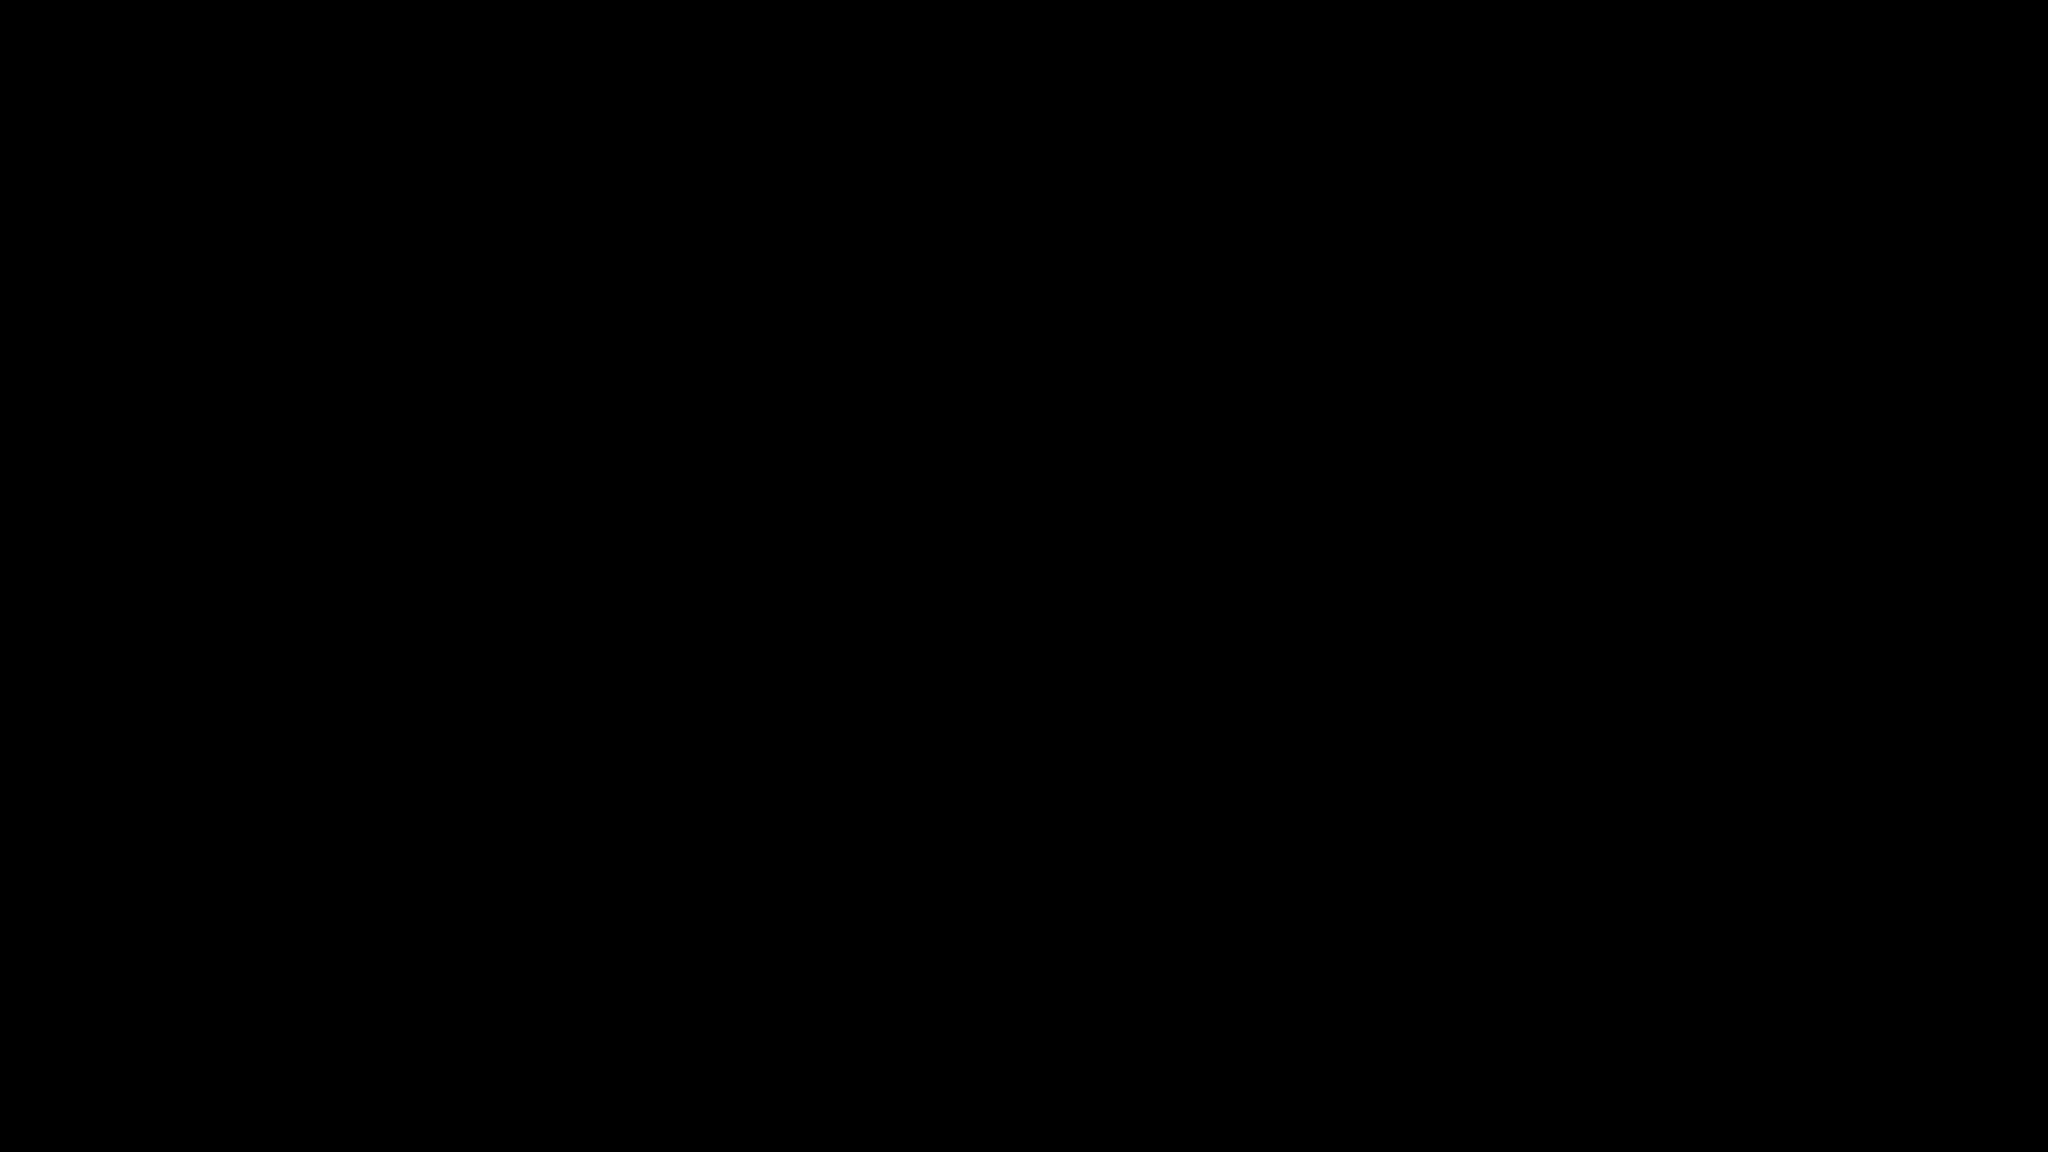 Imagem preta 2048 x 1152